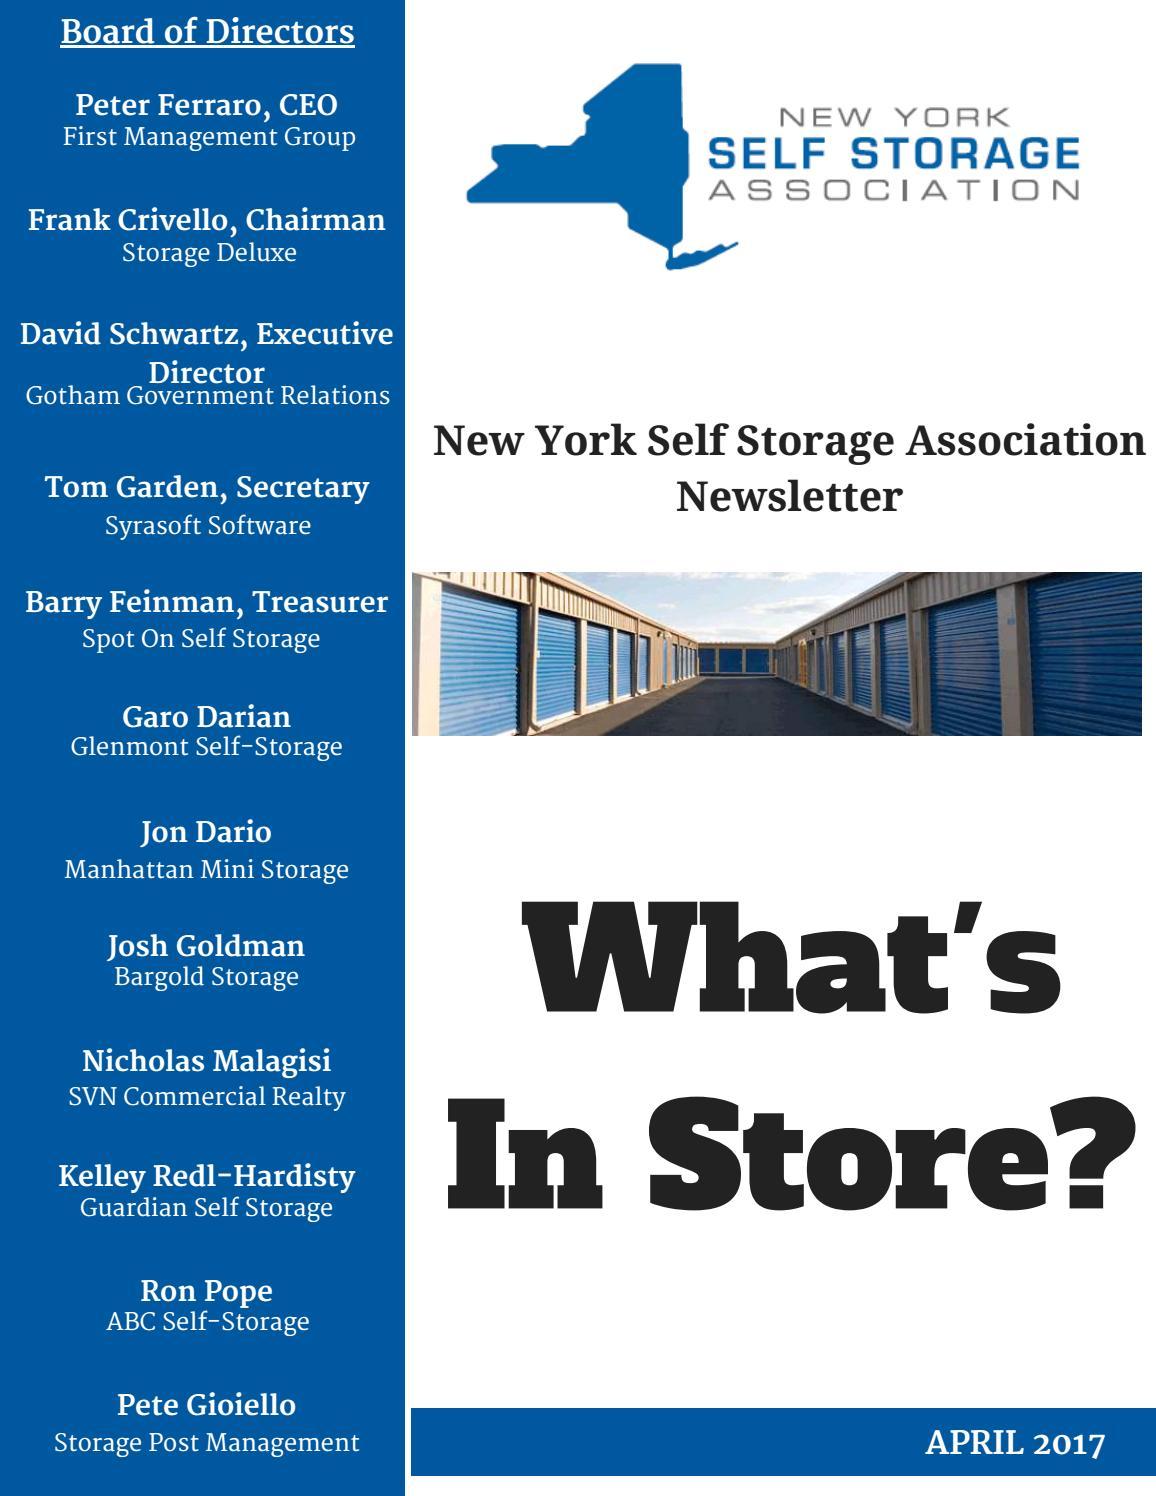 Nyssa April 2017 Newsletter By Ny Self Storage Association